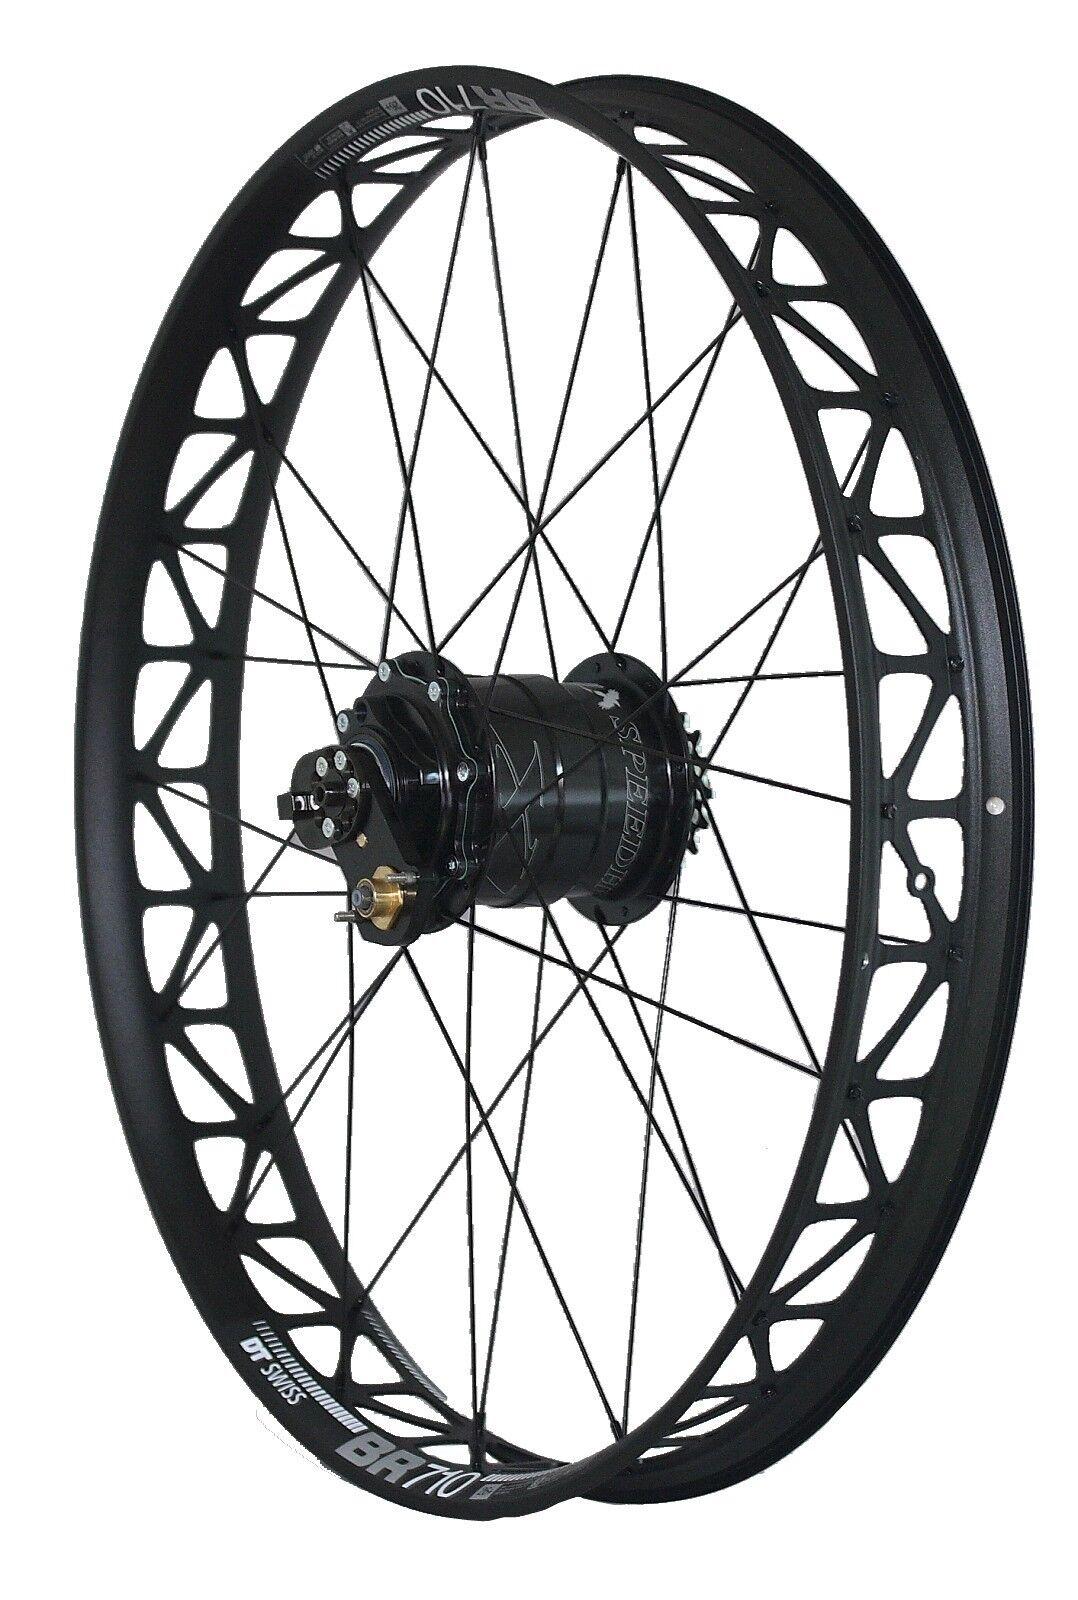 Grand Vélo Roue Arrière Rohloff 8027 XL Dimension Intégrée 170mm Dt-Swiss Jante